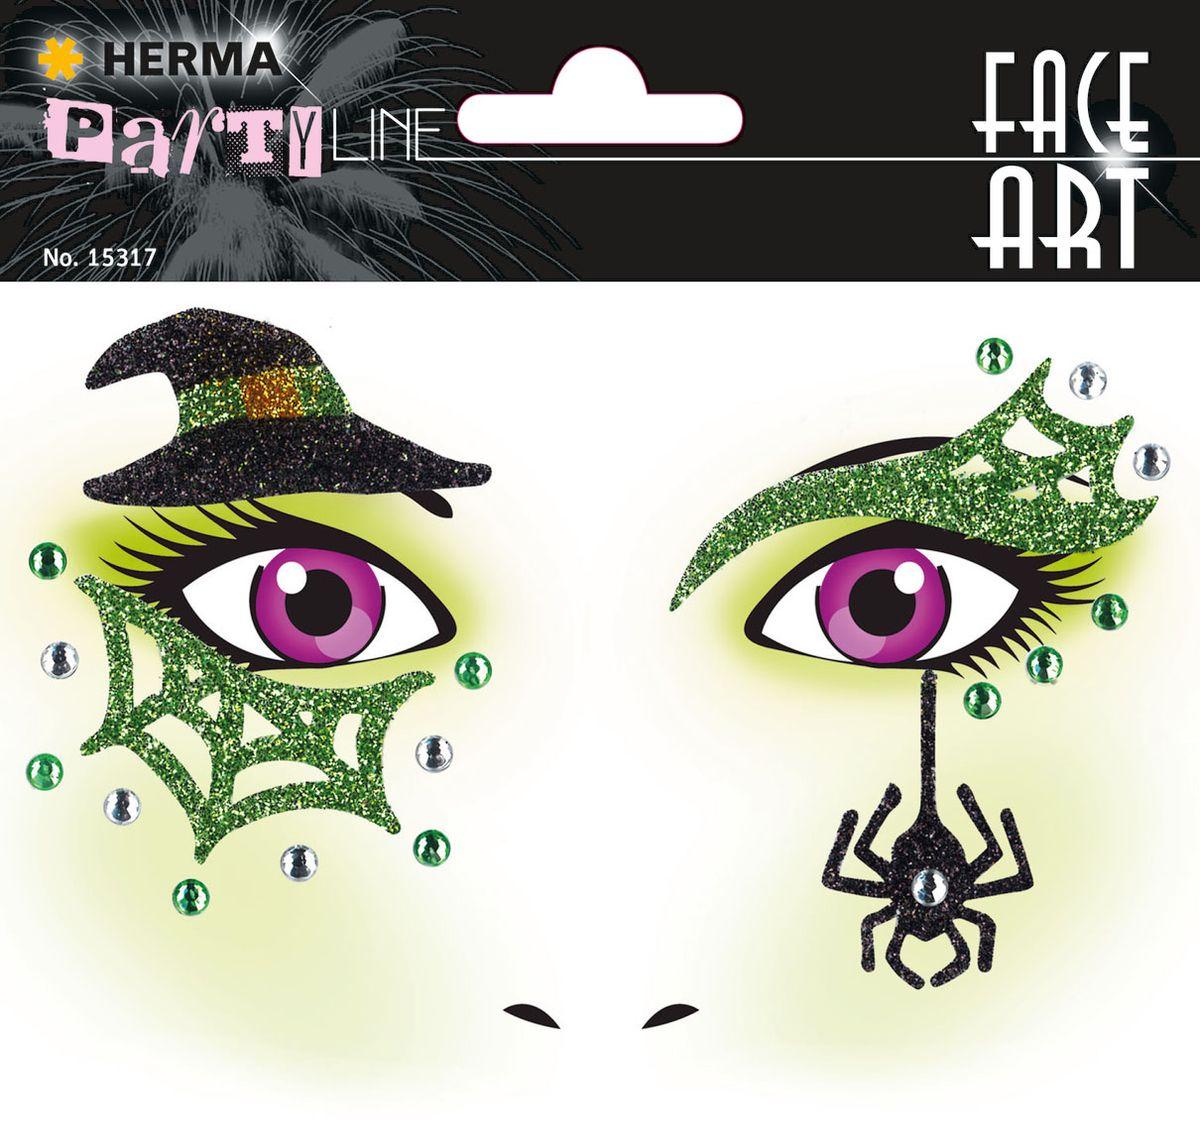 Herma Наклейки на лицо Face Art Witch (Ведьмочка)15317Face Art (фэйсарт) – это новое направления творчества и искусства. В последнее время фэйсарт стал достаточно популярным и востребованным направлением творчества. Что такое - фэйс арт, это искусство рисования разноцветными красками на лице. Face Art decor от Herma - это серия наклеек для фэйс арта с наиболее популярными мотивами. Face Art decor от Herma - это гламурно, стильно и ярко! Наклейки прошли дерматологические испытания. Инструкция: 1. Аккуратно снимите наклейку и наклейте на лицо. 2. Можно завершить образ с помощью макияжа. 3. Наклейка легко снимается, аккуратно удалите наклейку с лица и умойте лицо водой. 4. Не подходит для чувствительной кожи.